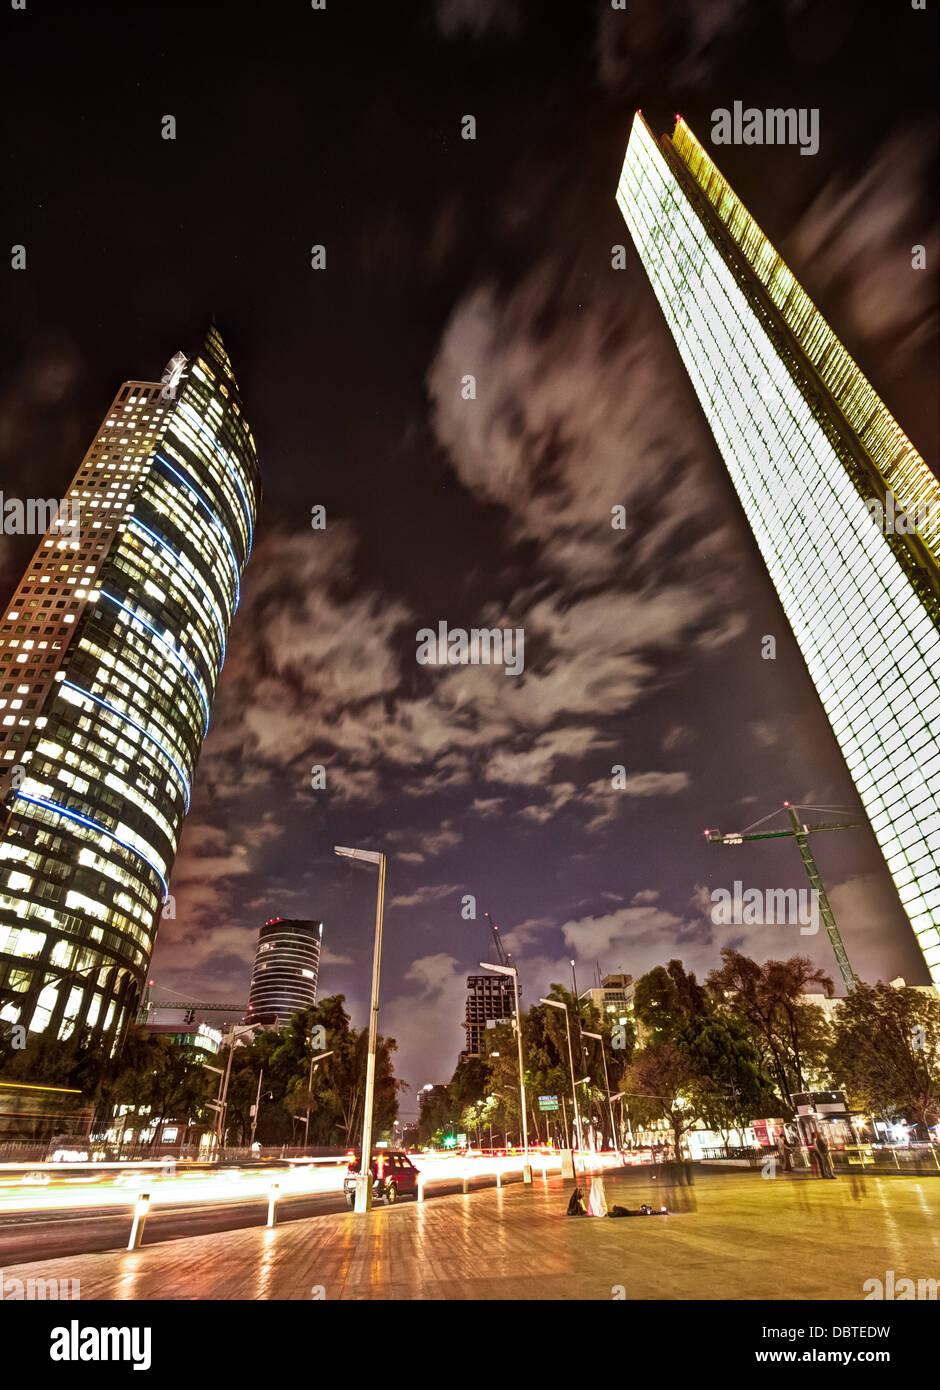 La foto è stata scattata in Città del Messico Immagini Stock